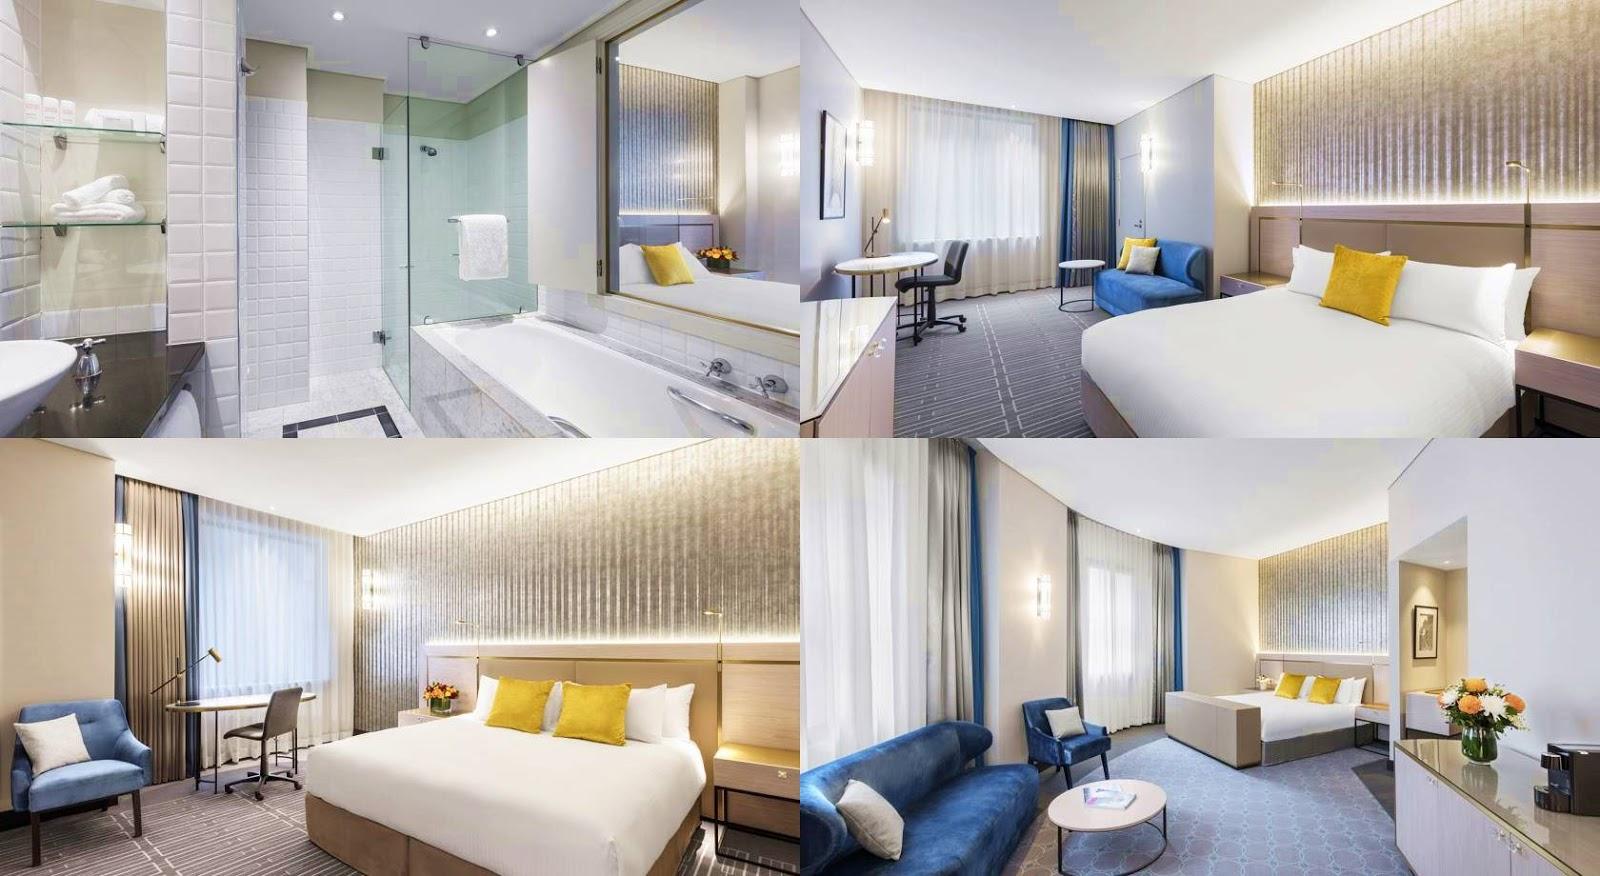 雪梨-住宿-推薦-悉尼麗笙世嘉酒店-Radisson-Blu-Plaza-飯店-旅館-酒店-公寓-民宿-澳洲-Sydney-Hotel-Apartment-Travel-Australia